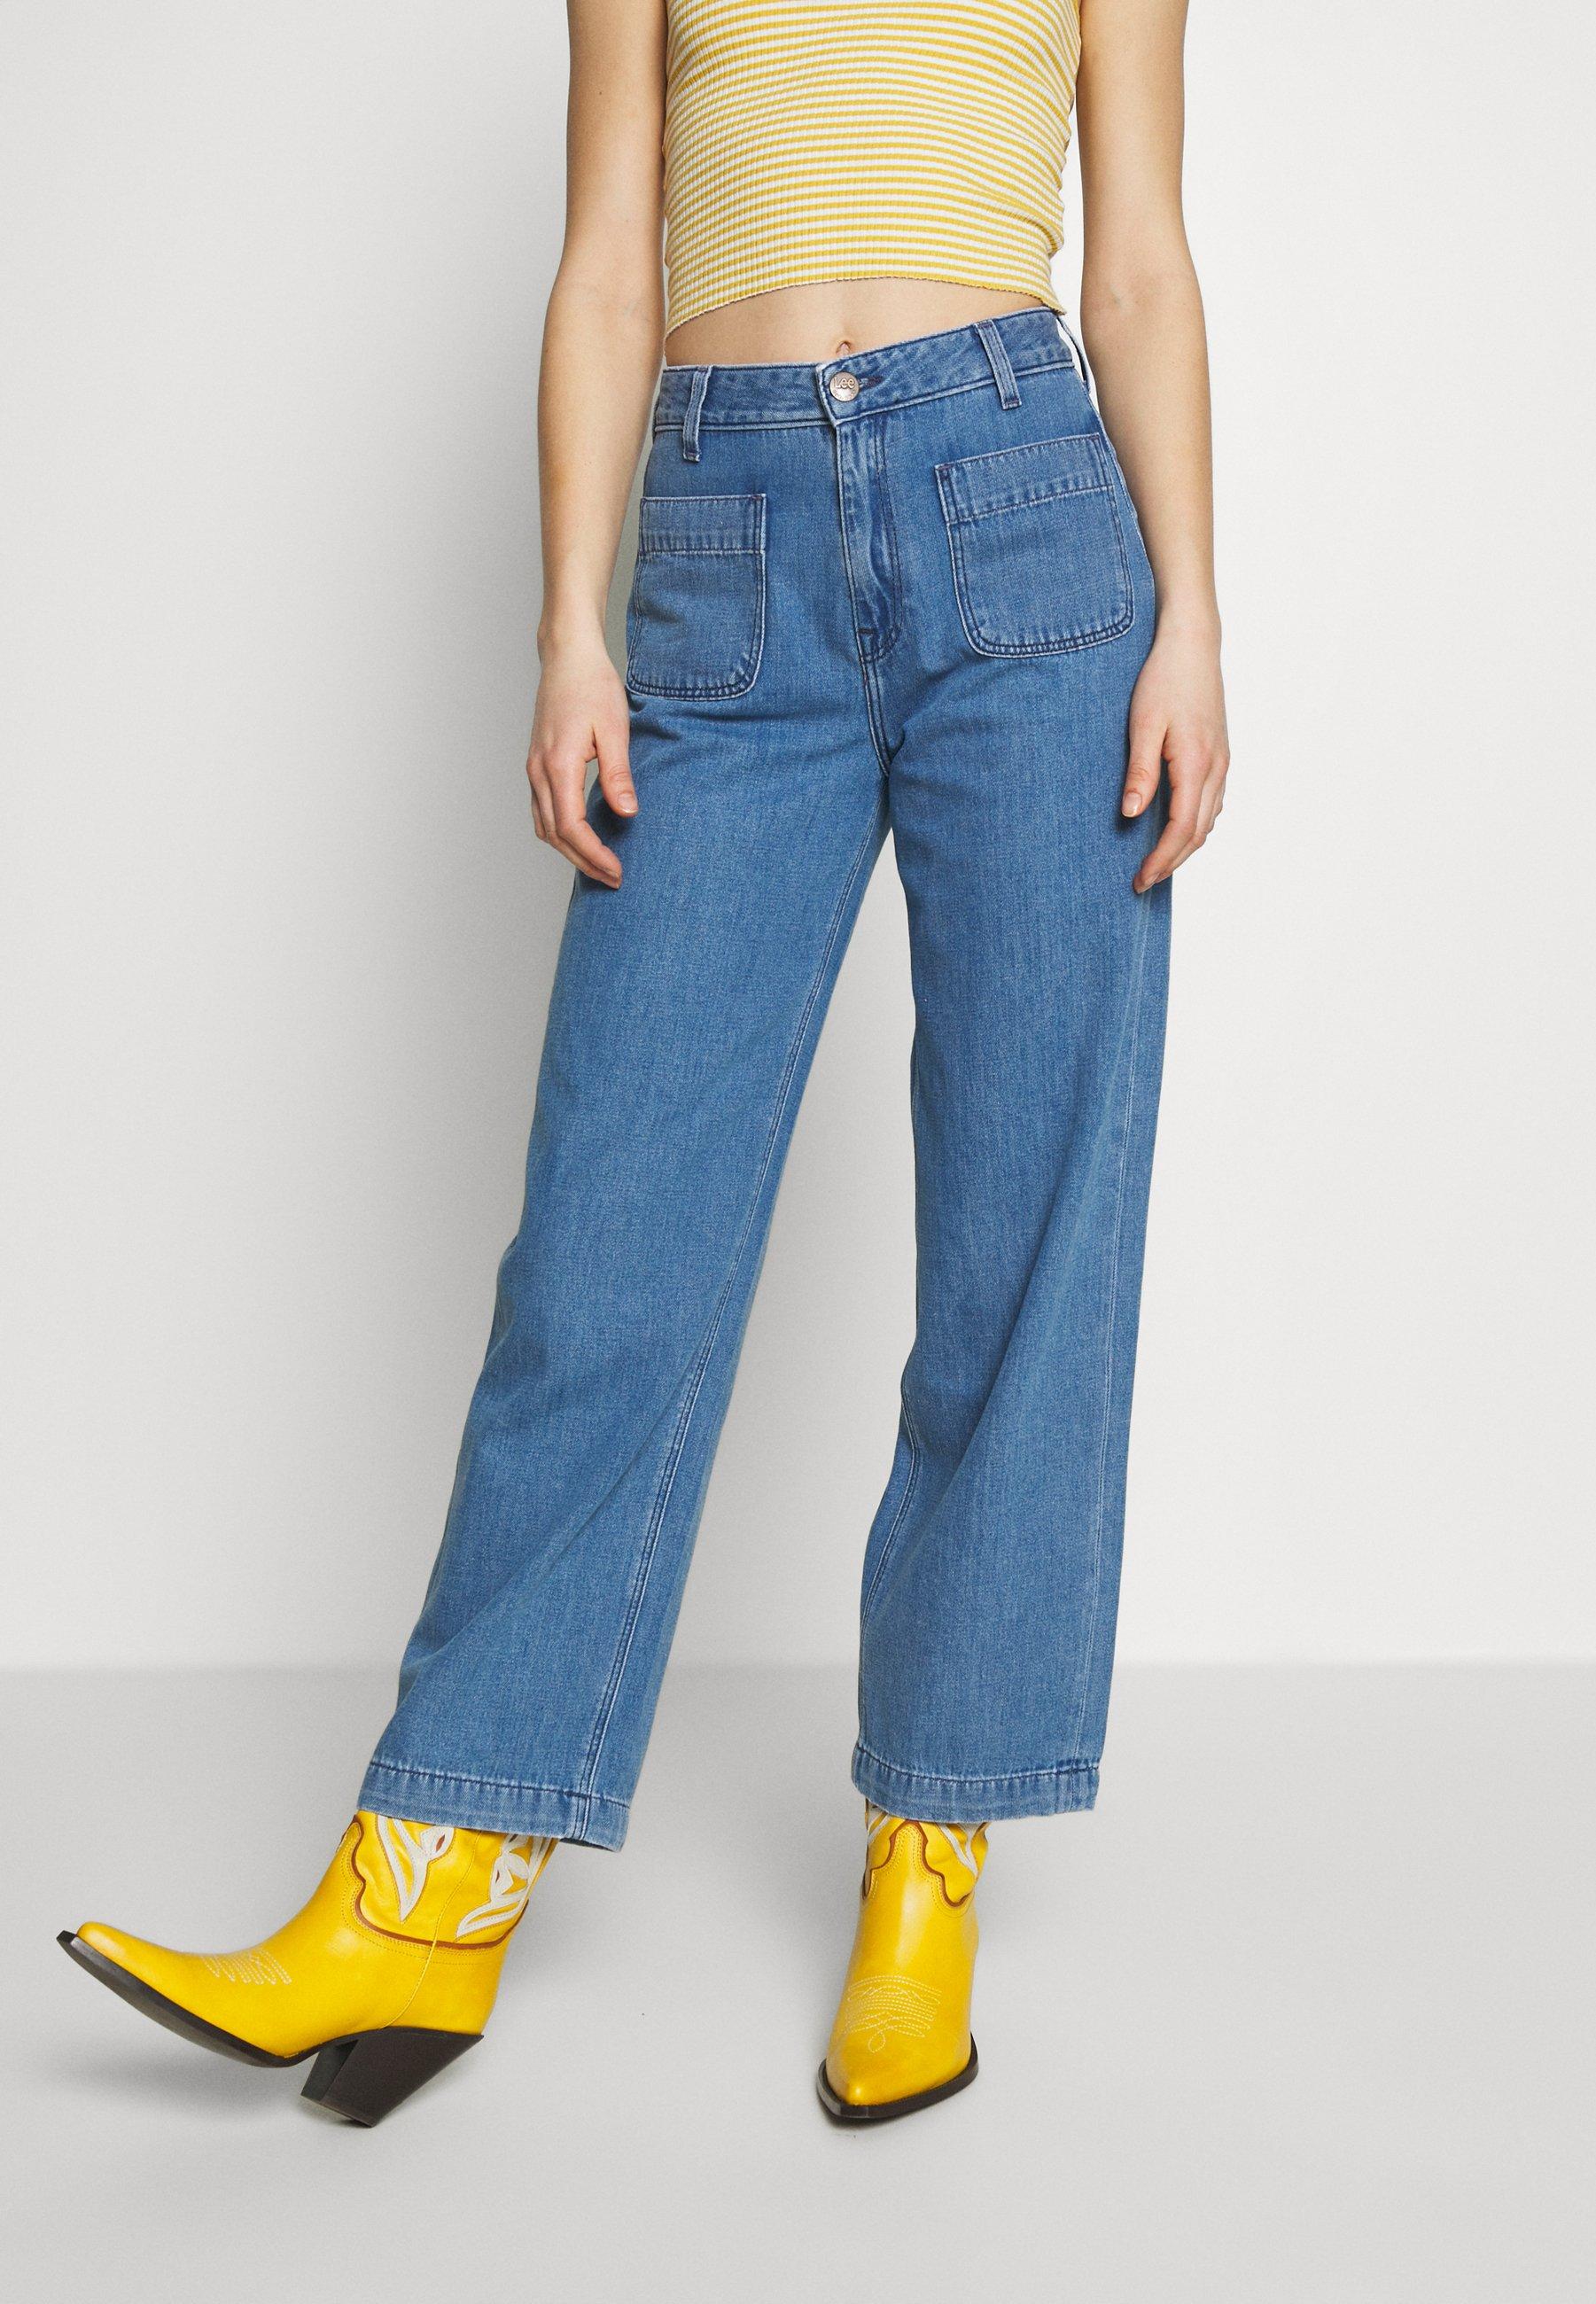 Lee WIDE LEG - Jean boyfriend - light drape - Jeans Femme JsUPr